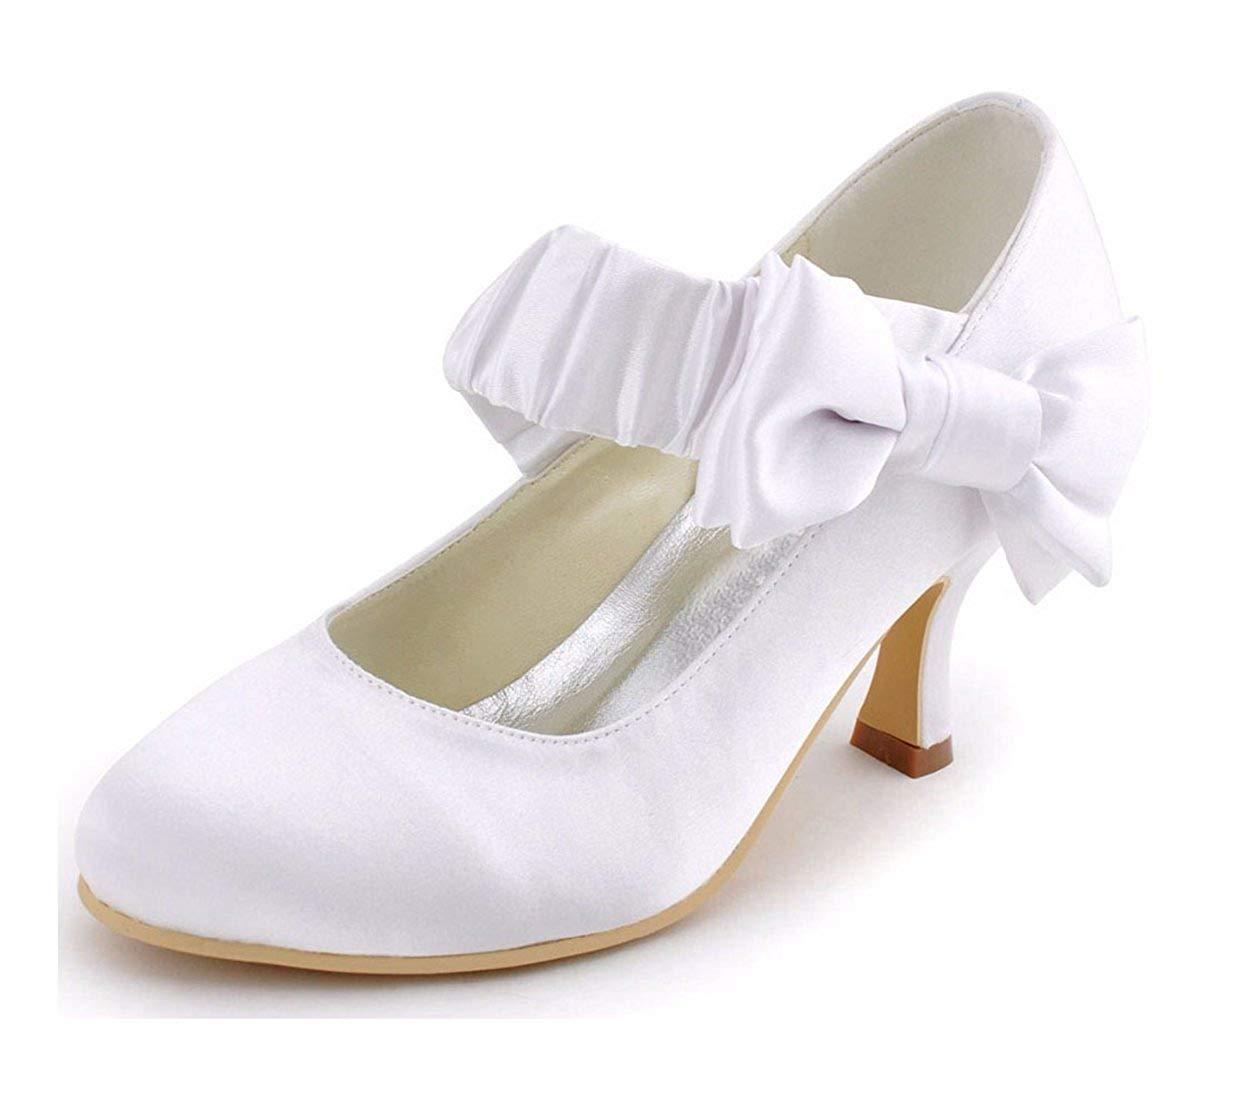 Qiusa Qiusa Qiusa Damen Geraffte Knöchelriemen mit Knoten Satin schöne Hochzeit Schuhe (Farbe   Weiß-6.5cm Heel Größe   2.5 UK) aae56e